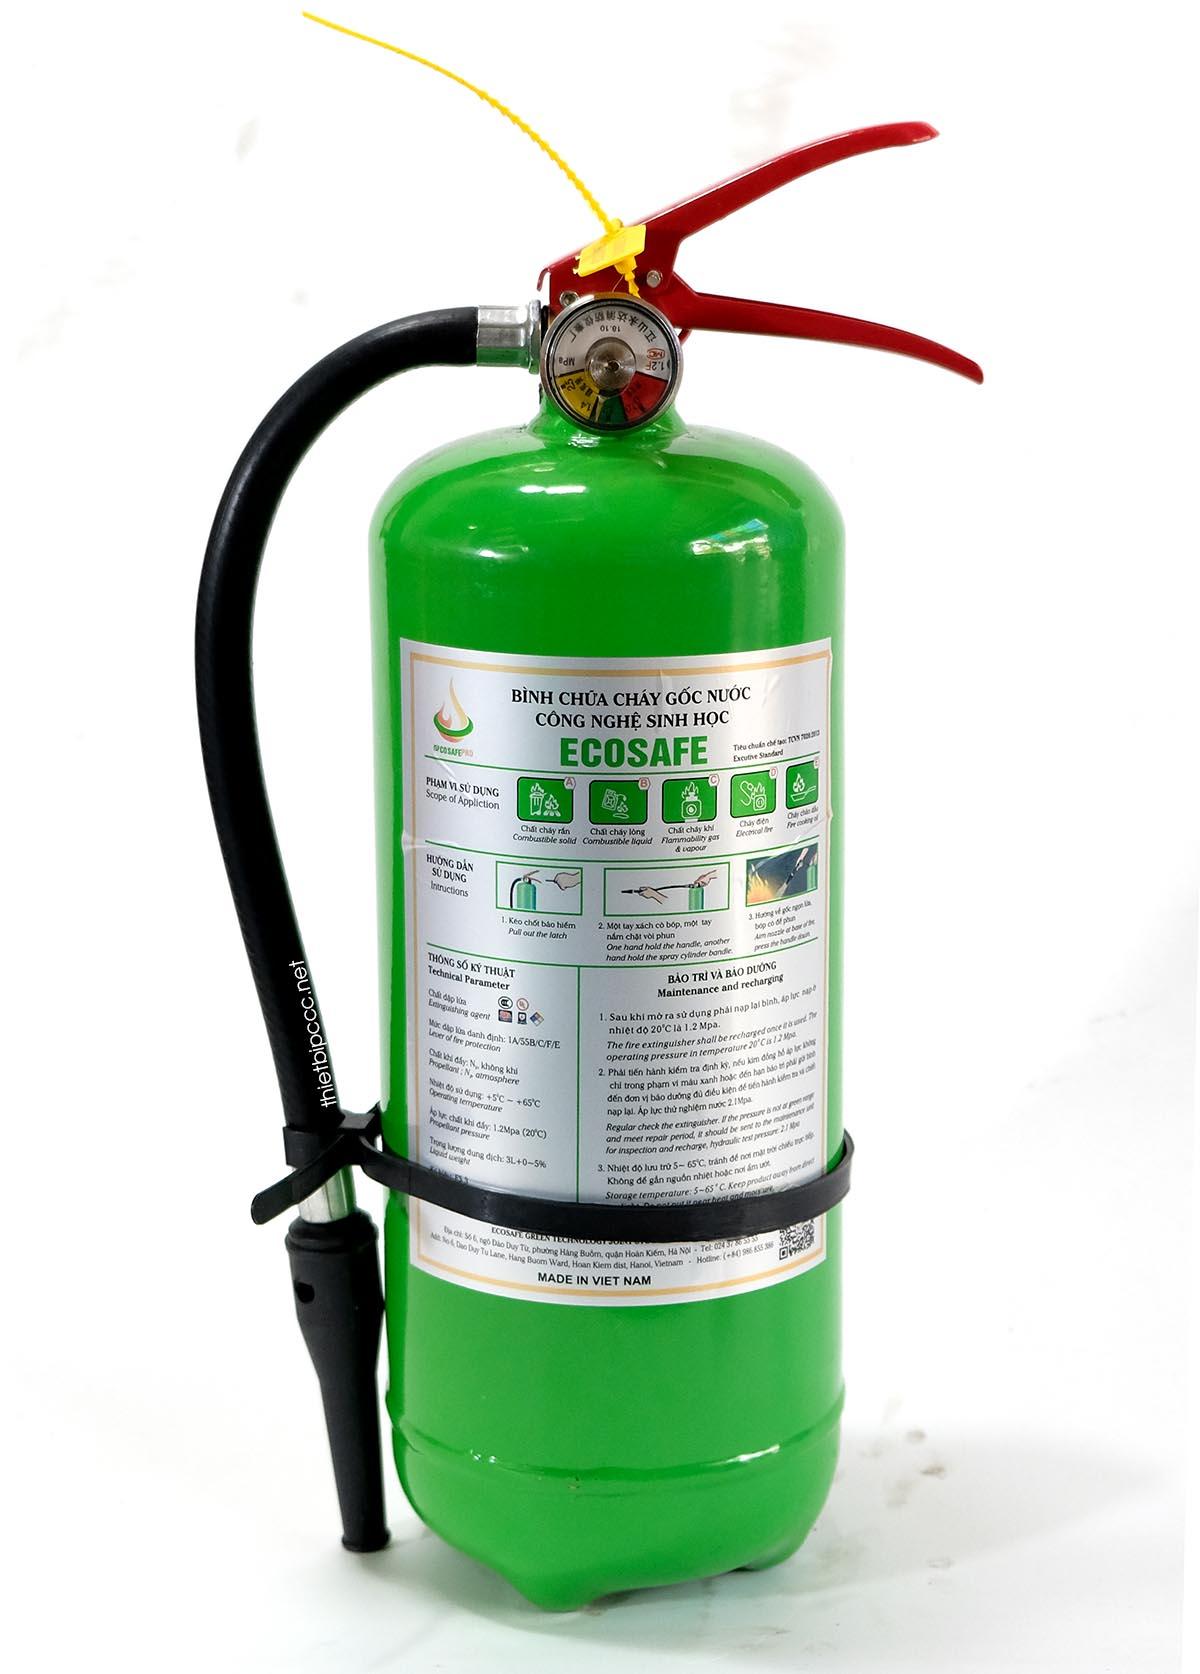 Bình chữa cháy gốc nước 3L ES3 Ecosafe Việt Nam